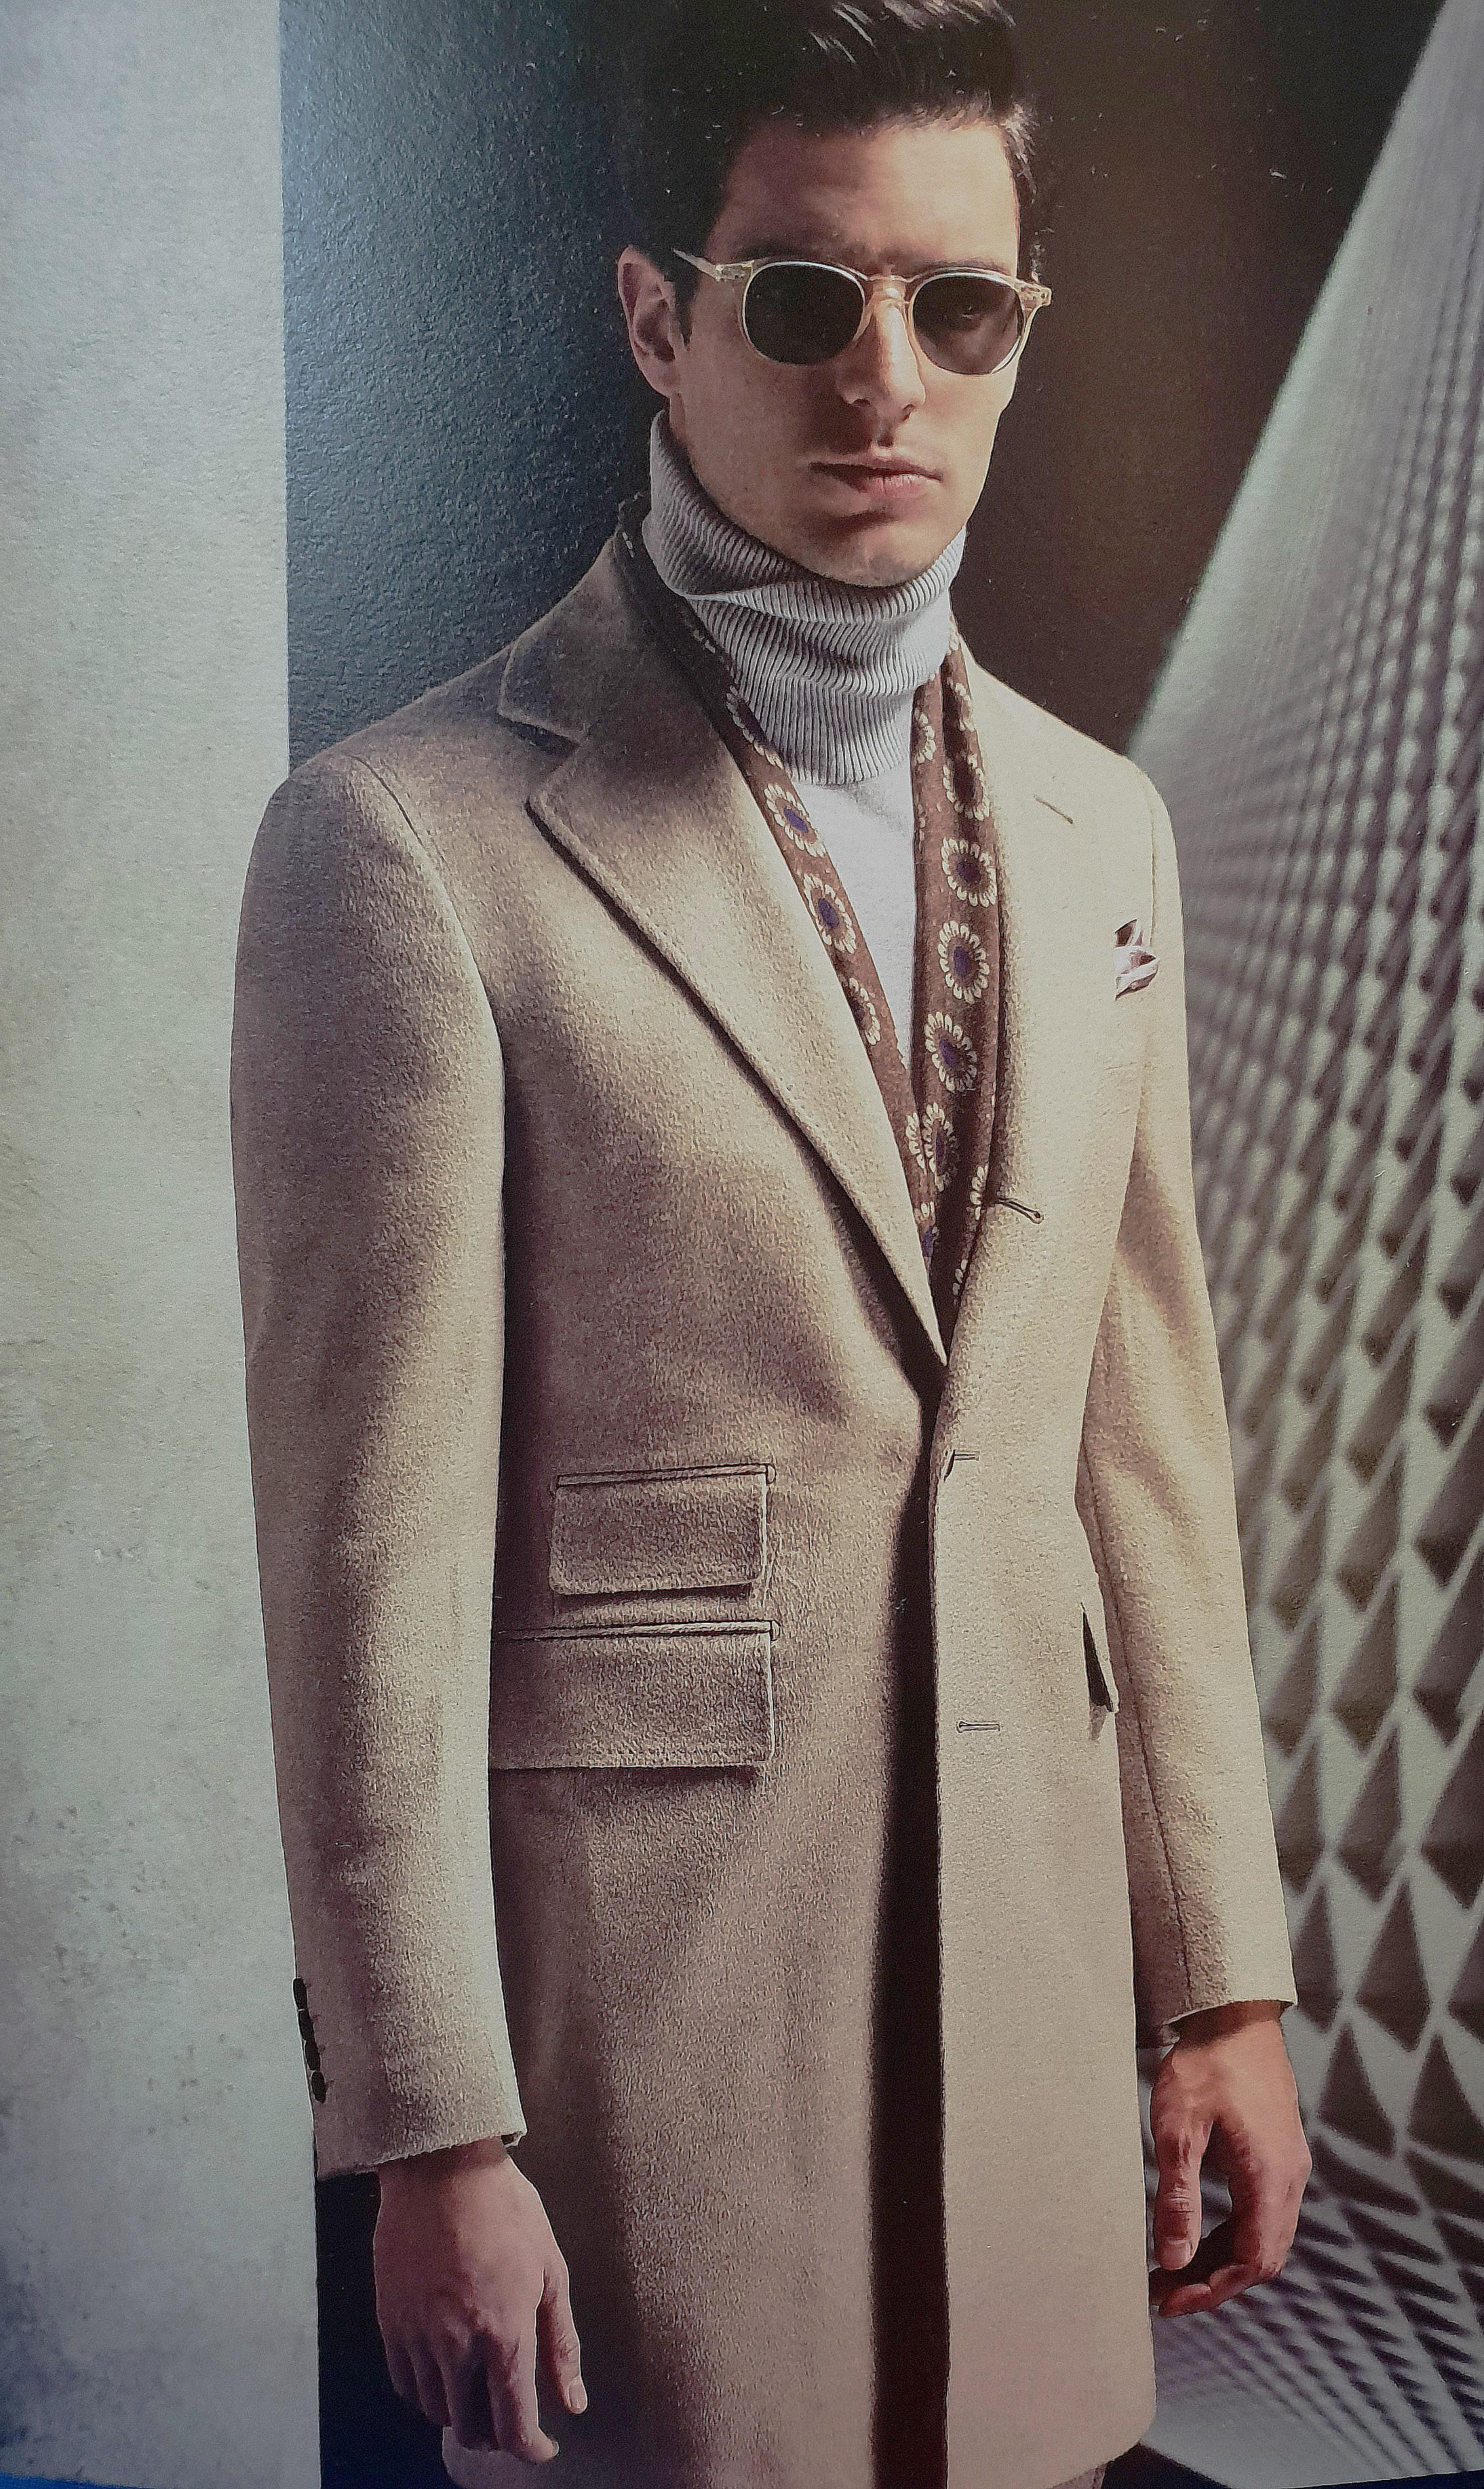 Beige Overcoat   Made Suits   Tailor made overcoat   bespoke overcoat   Made to measure overcoat STYLBIELLA Look.jpg